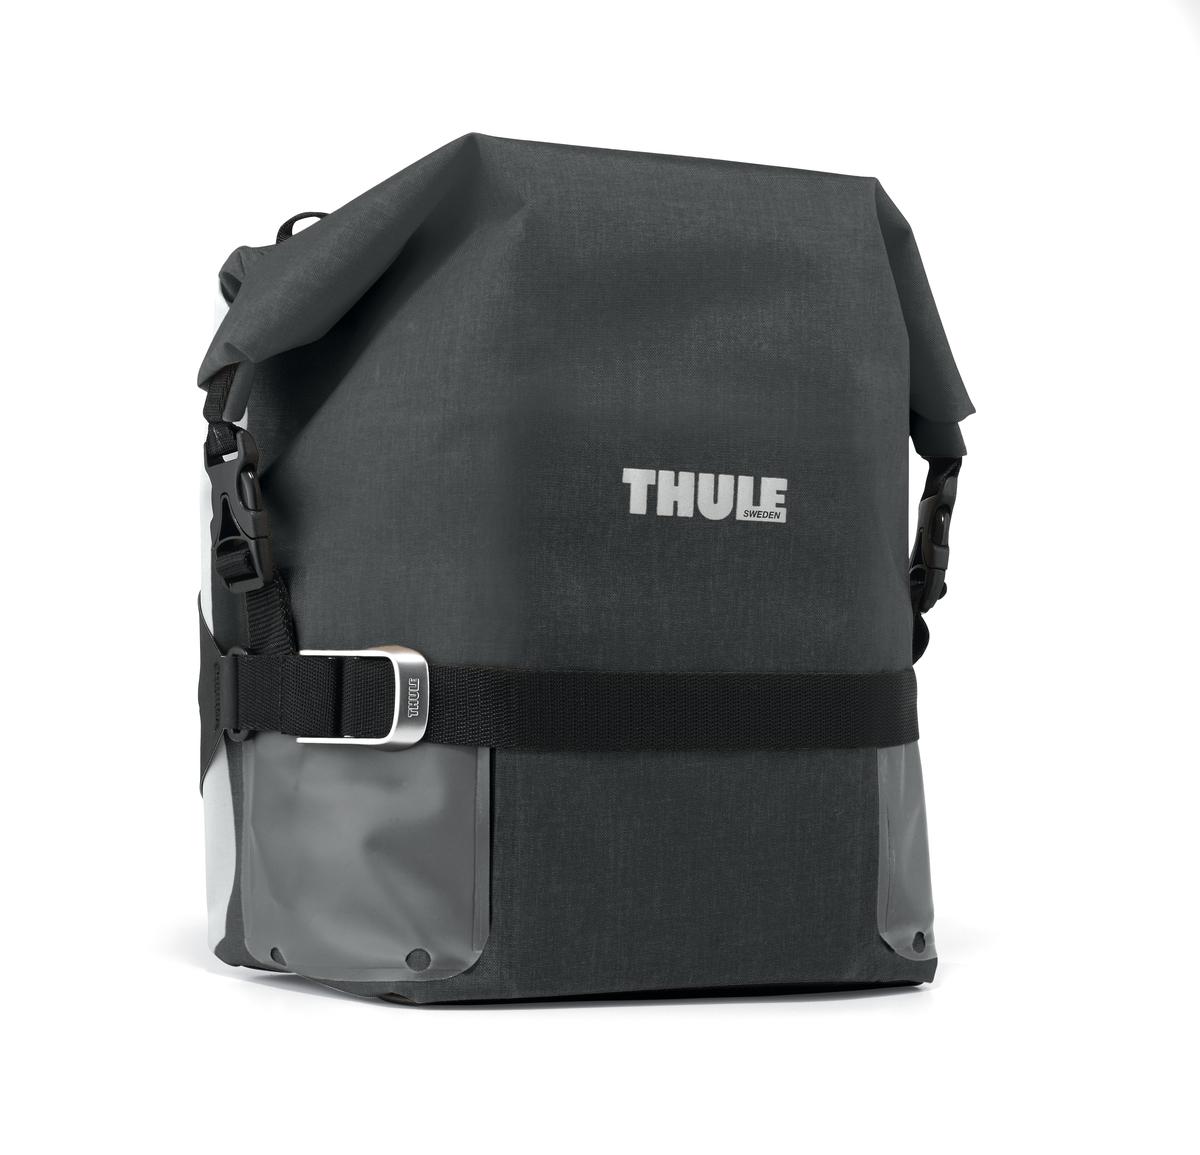 Сумка велосипедная Thule Small Adventure Touring Pannier, цвет: черный100006Велосипедная сумка Thule Small Adventure Touring Pannier- это многофункциональная водонепроницаемая сумка, которая обеспечивает безопасность и защиту благодаря ярким светоотражающим элементам и сворачивающейся верхней части.Единая конструкция со сворачивающейся верхней частью гарантирует, что вещи внутри останутся сухими и чистыми.Система крепления на магнитах проста в использовании, надежна и имеет малый уровень вибрации.Яркие светоотражающие элементы на передней и боковой панелях улучшают заметность на дороге.Удобные точки крепления для фонарей обеспечивают дополнительную безопасность.Внутренние карманы для хранения мелких вещей.Встроенные ручки и отстегиваемый ремень для ношения через плечо обеспечивают несколько вариантов переноски.Лучше всего подходит для багажников Thule, но может использоваться практически с любым велосипедным багажником.